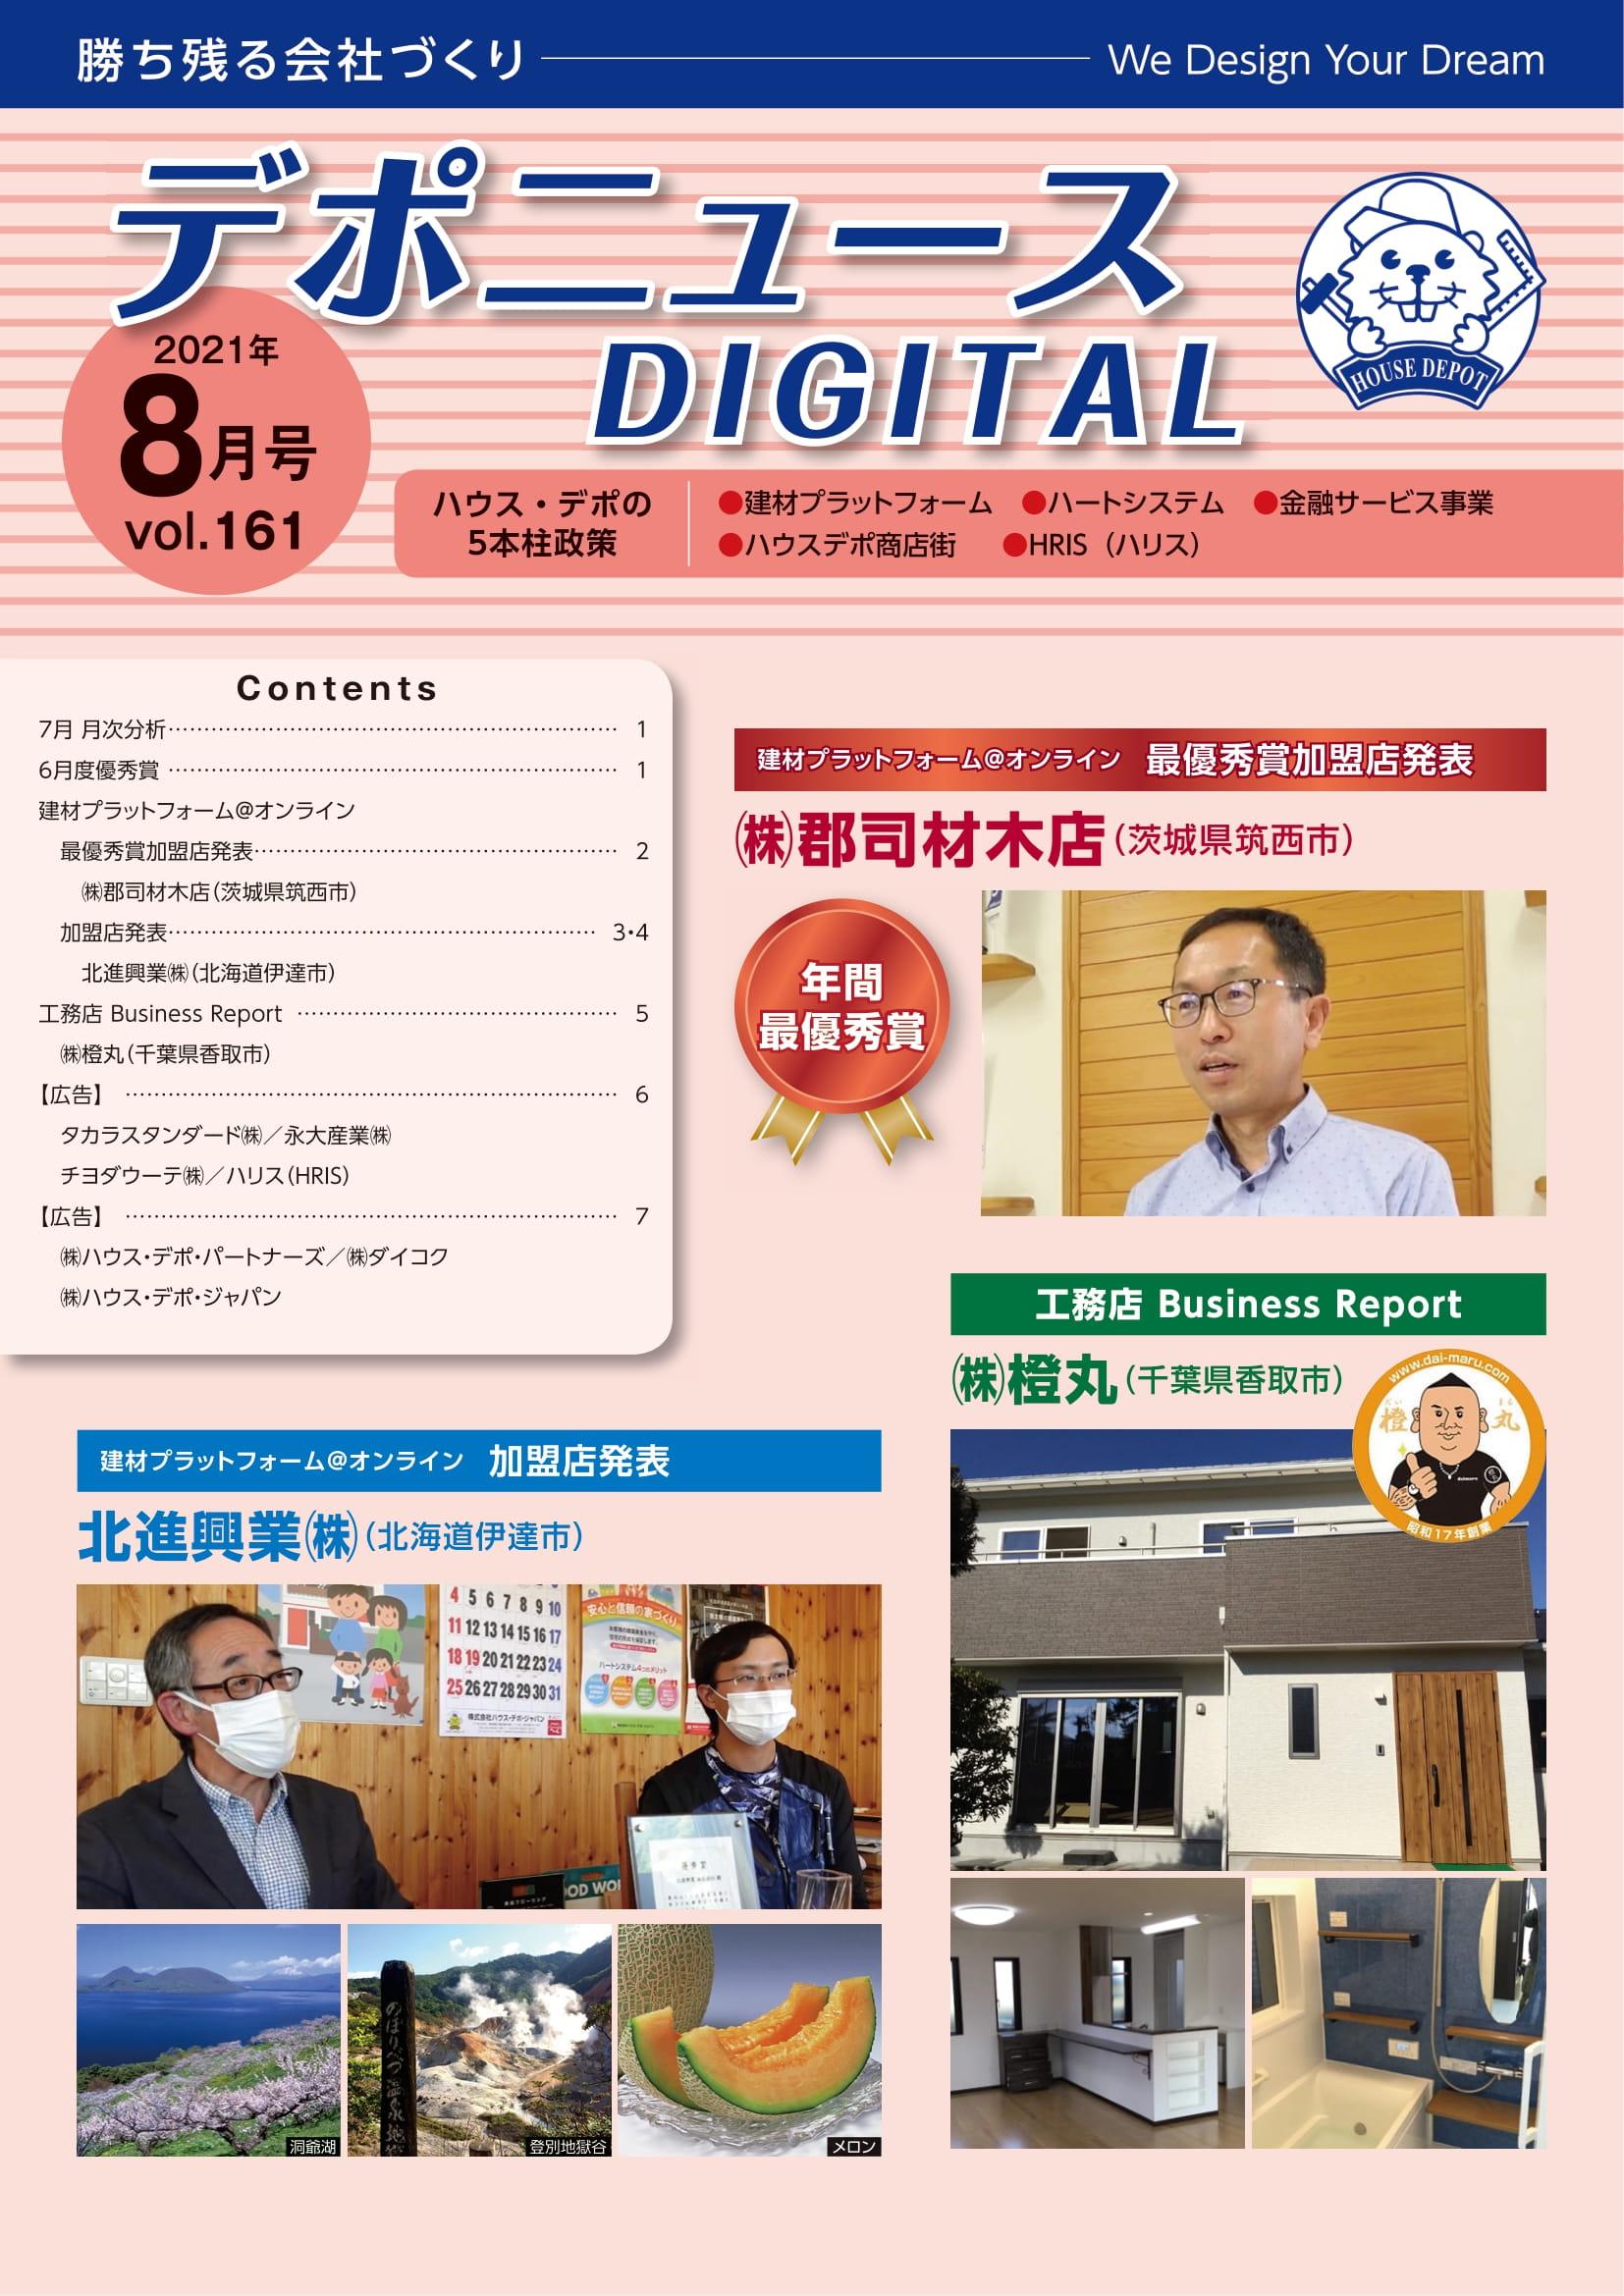 デポニュースDIGITAL Vol.161